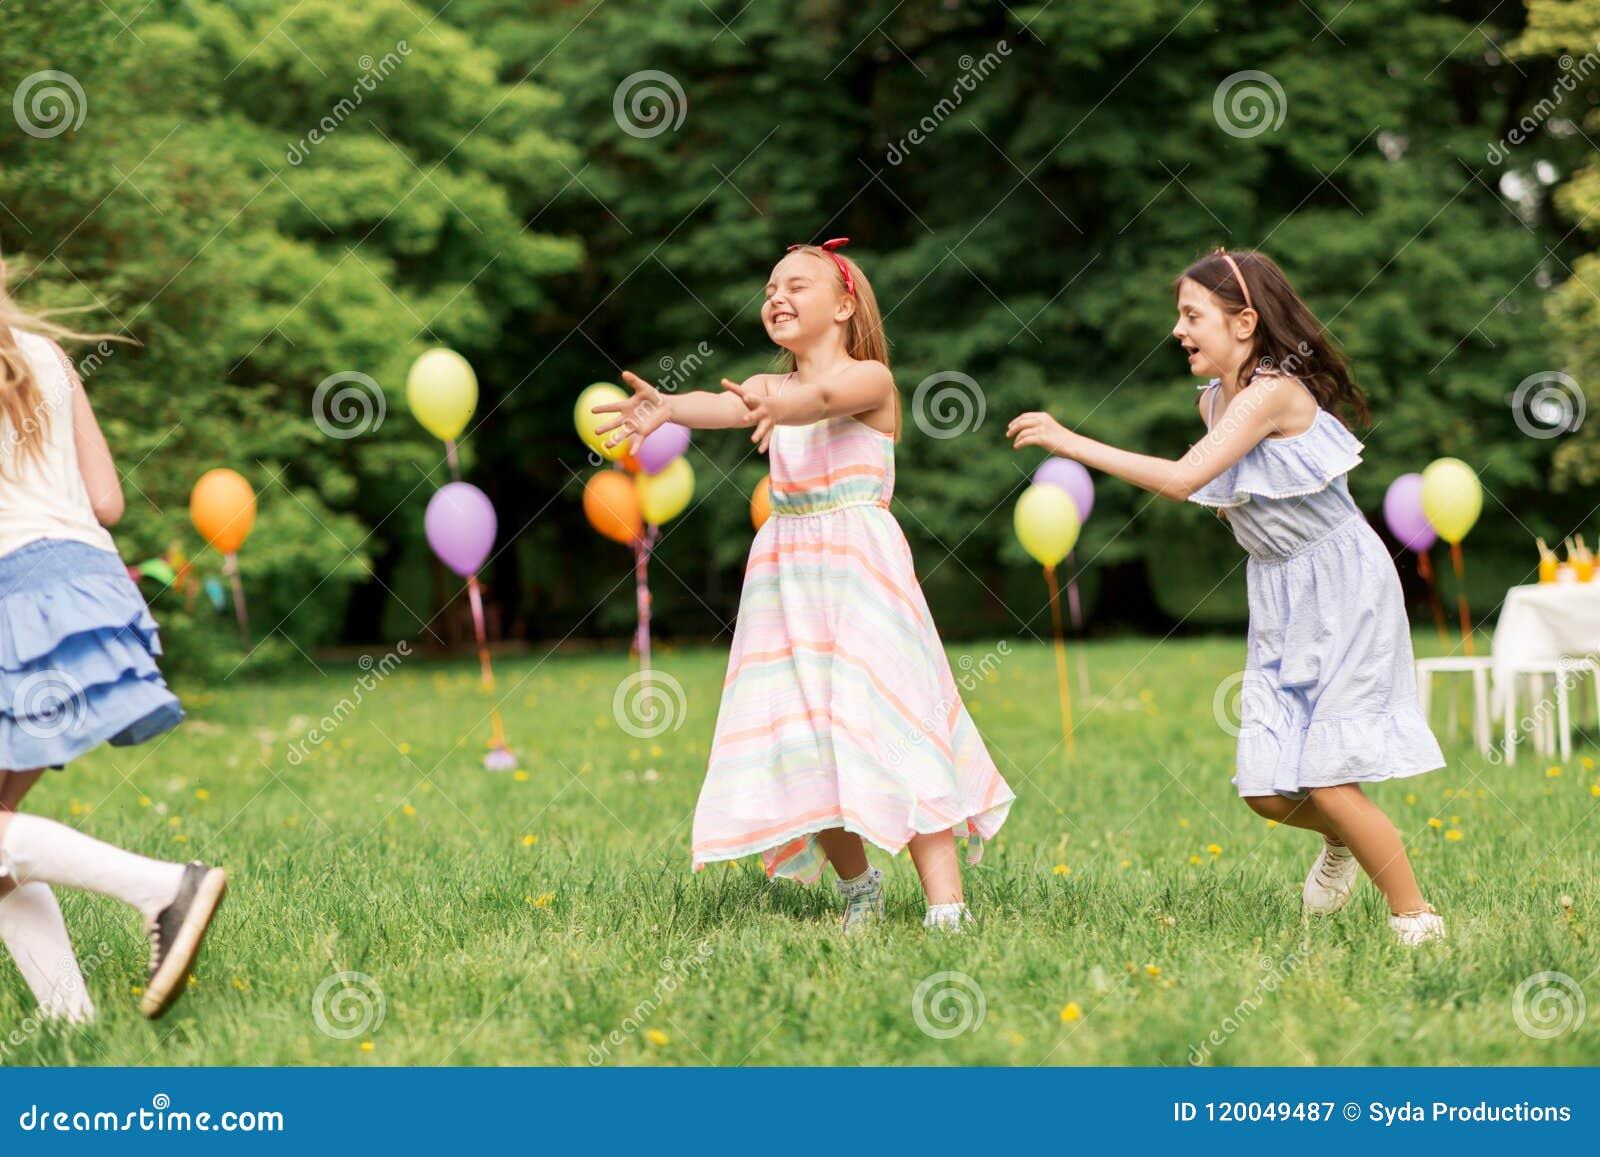 Ragazze Felici Che Giocano Il Gioco Del Ce L'hai Alla Festa Di